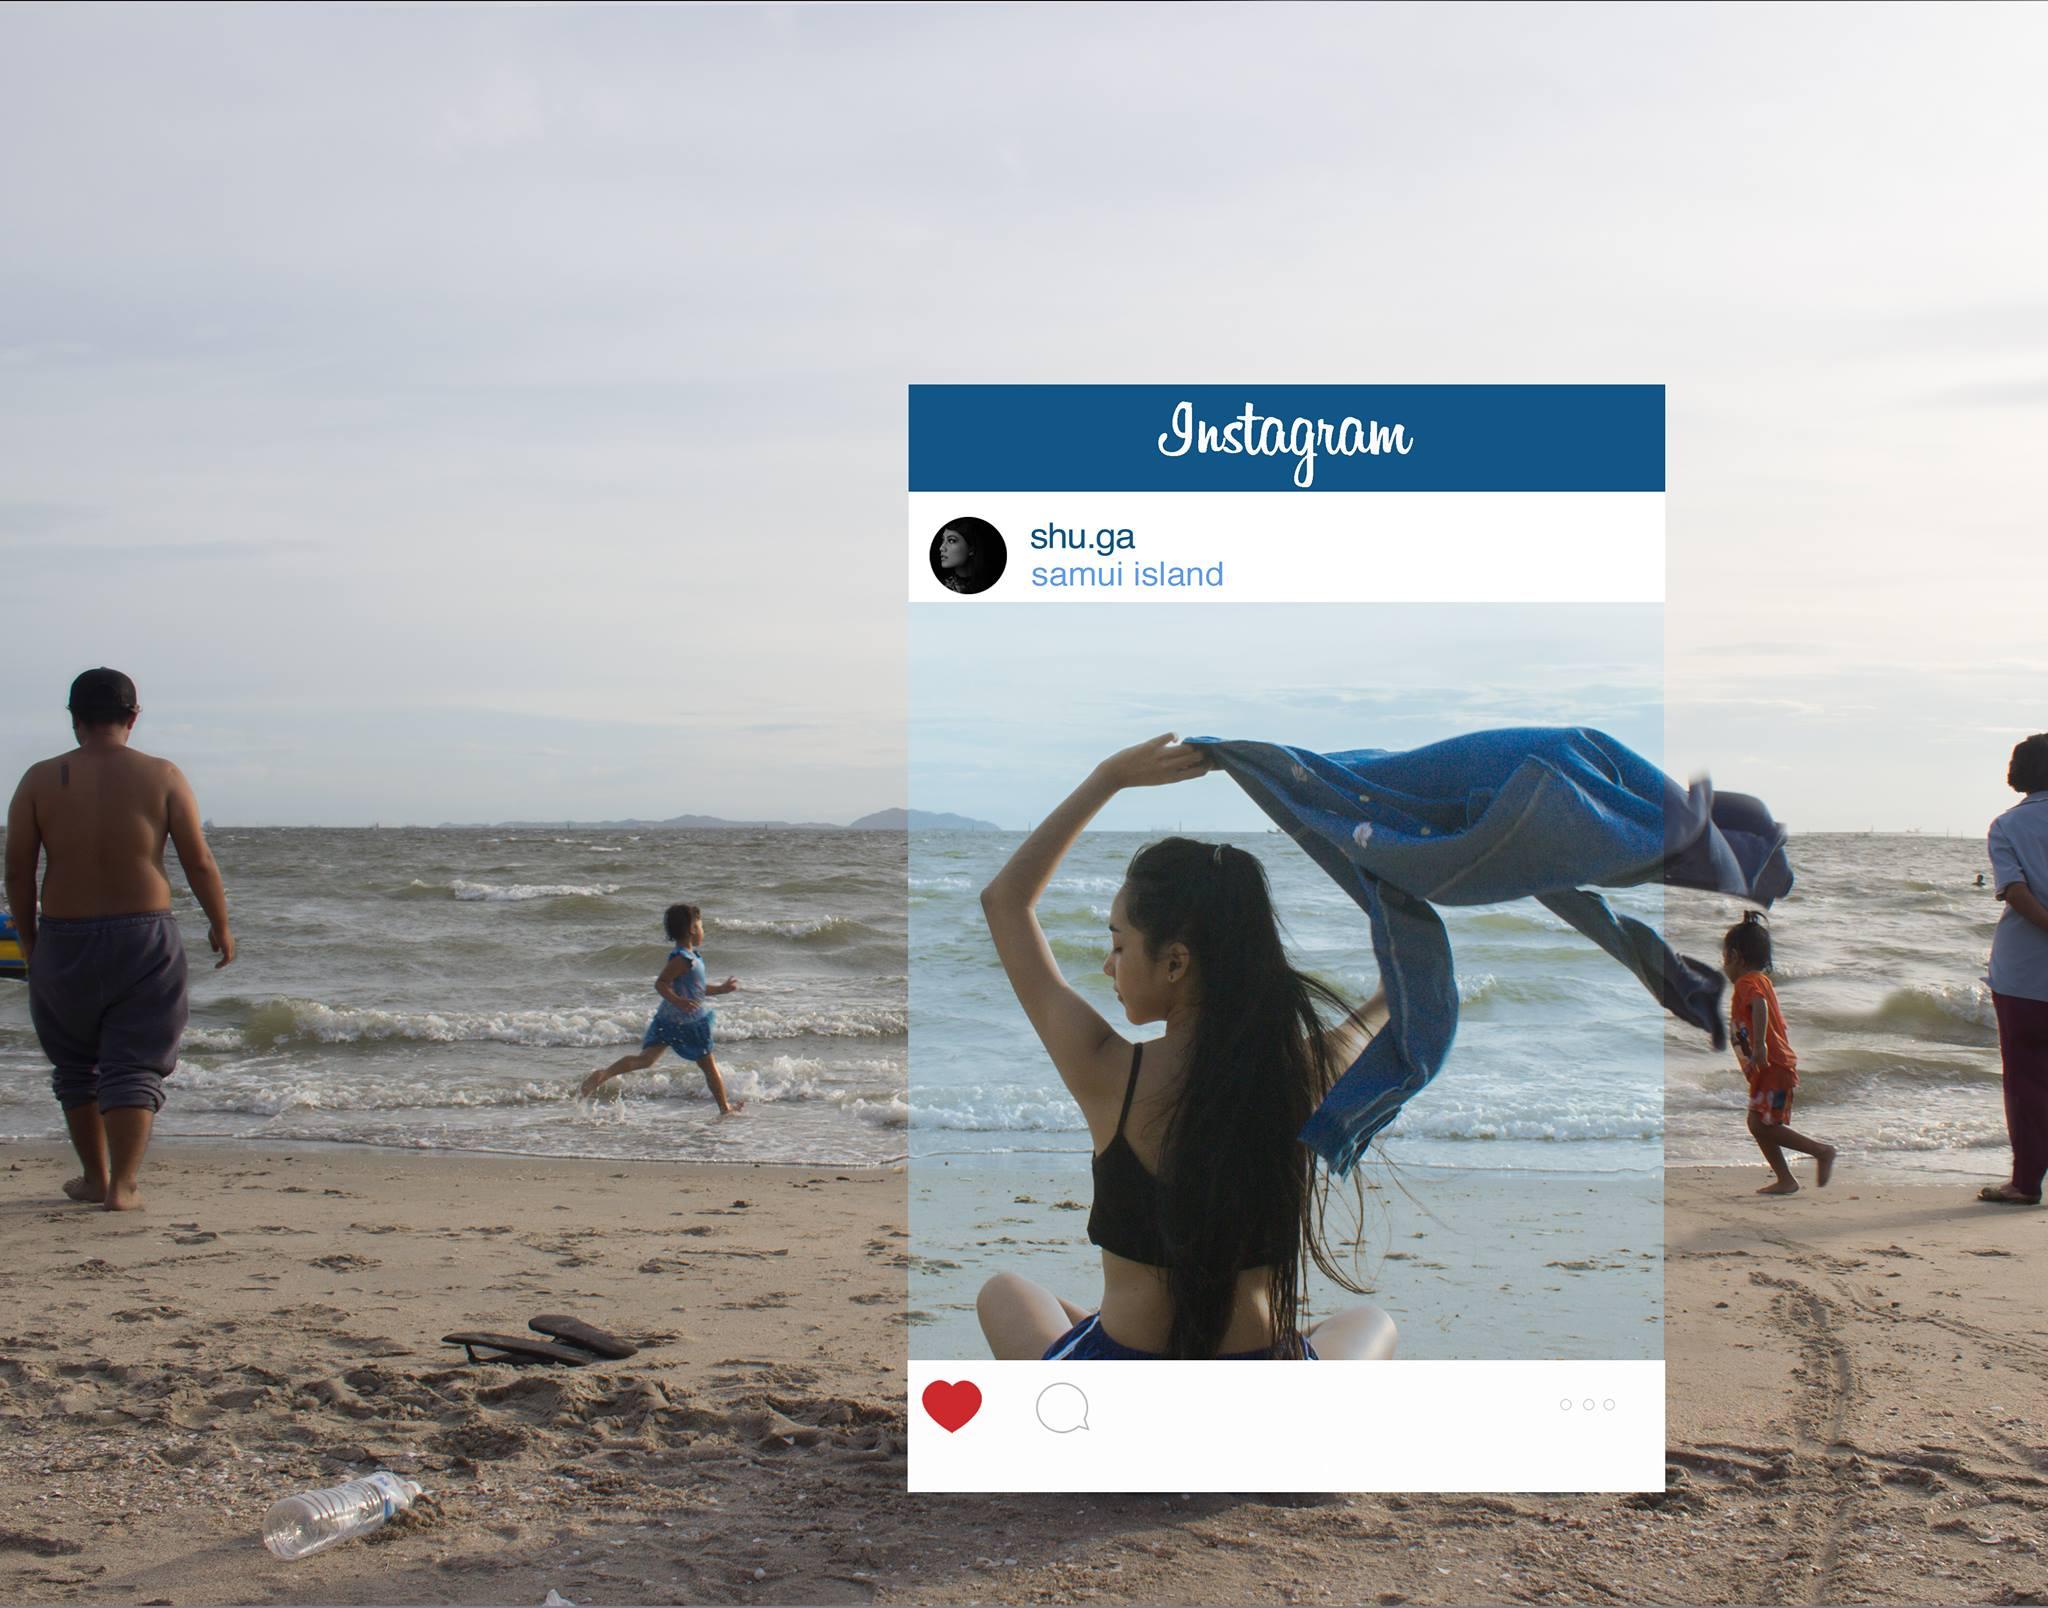 chompoo-baritone-4 La face cachée des photos sur Instagram